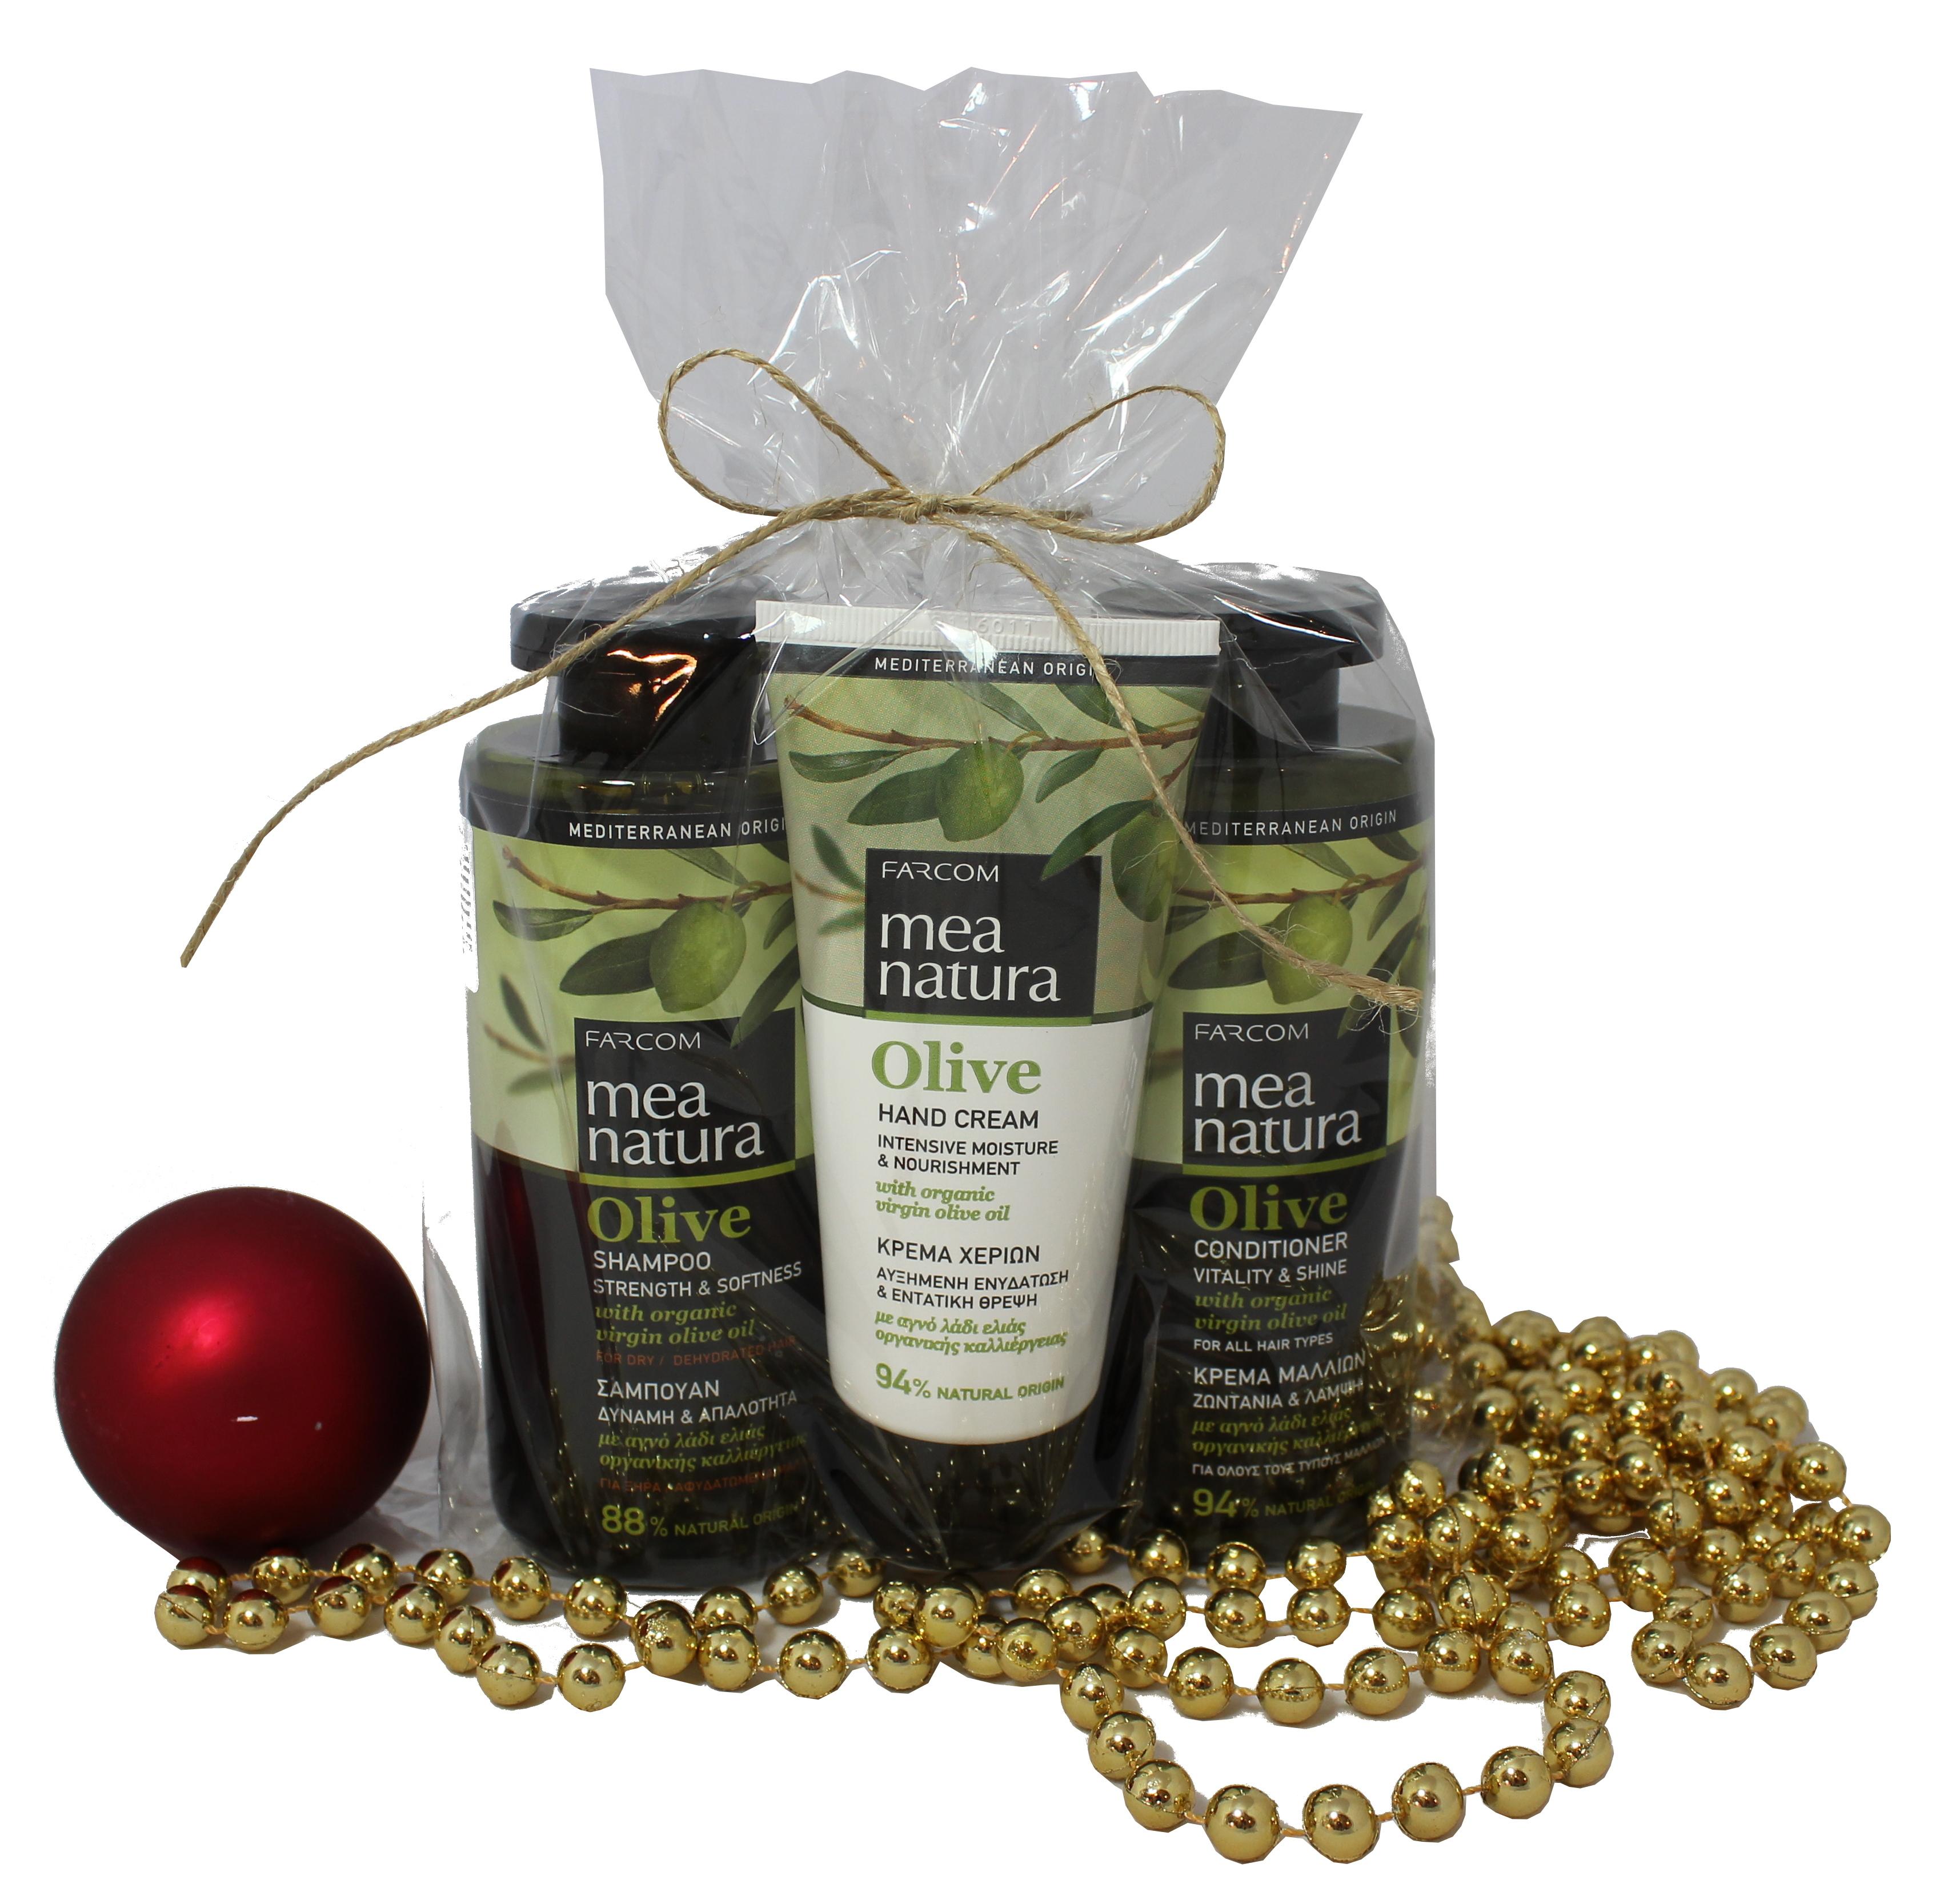 Farcom Mea Natura Olive rinkinukas sausiems plaukams + rankų kremas-0